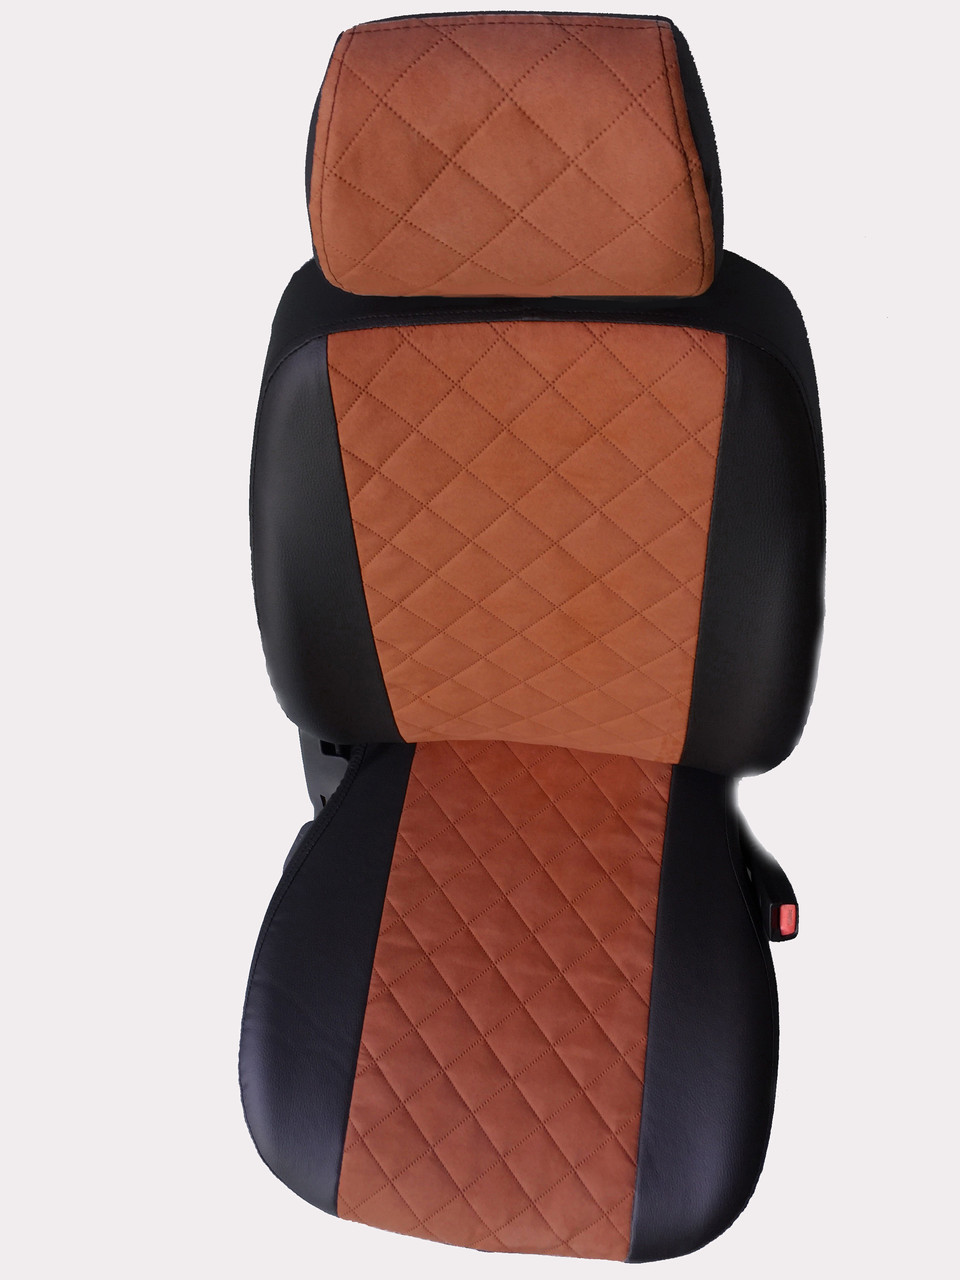 Чехлы на сиденья ДЭУ Нексия (Daewoo Nexia) (универсальные, экокожа+Алькантара, с отдельным подголовником)